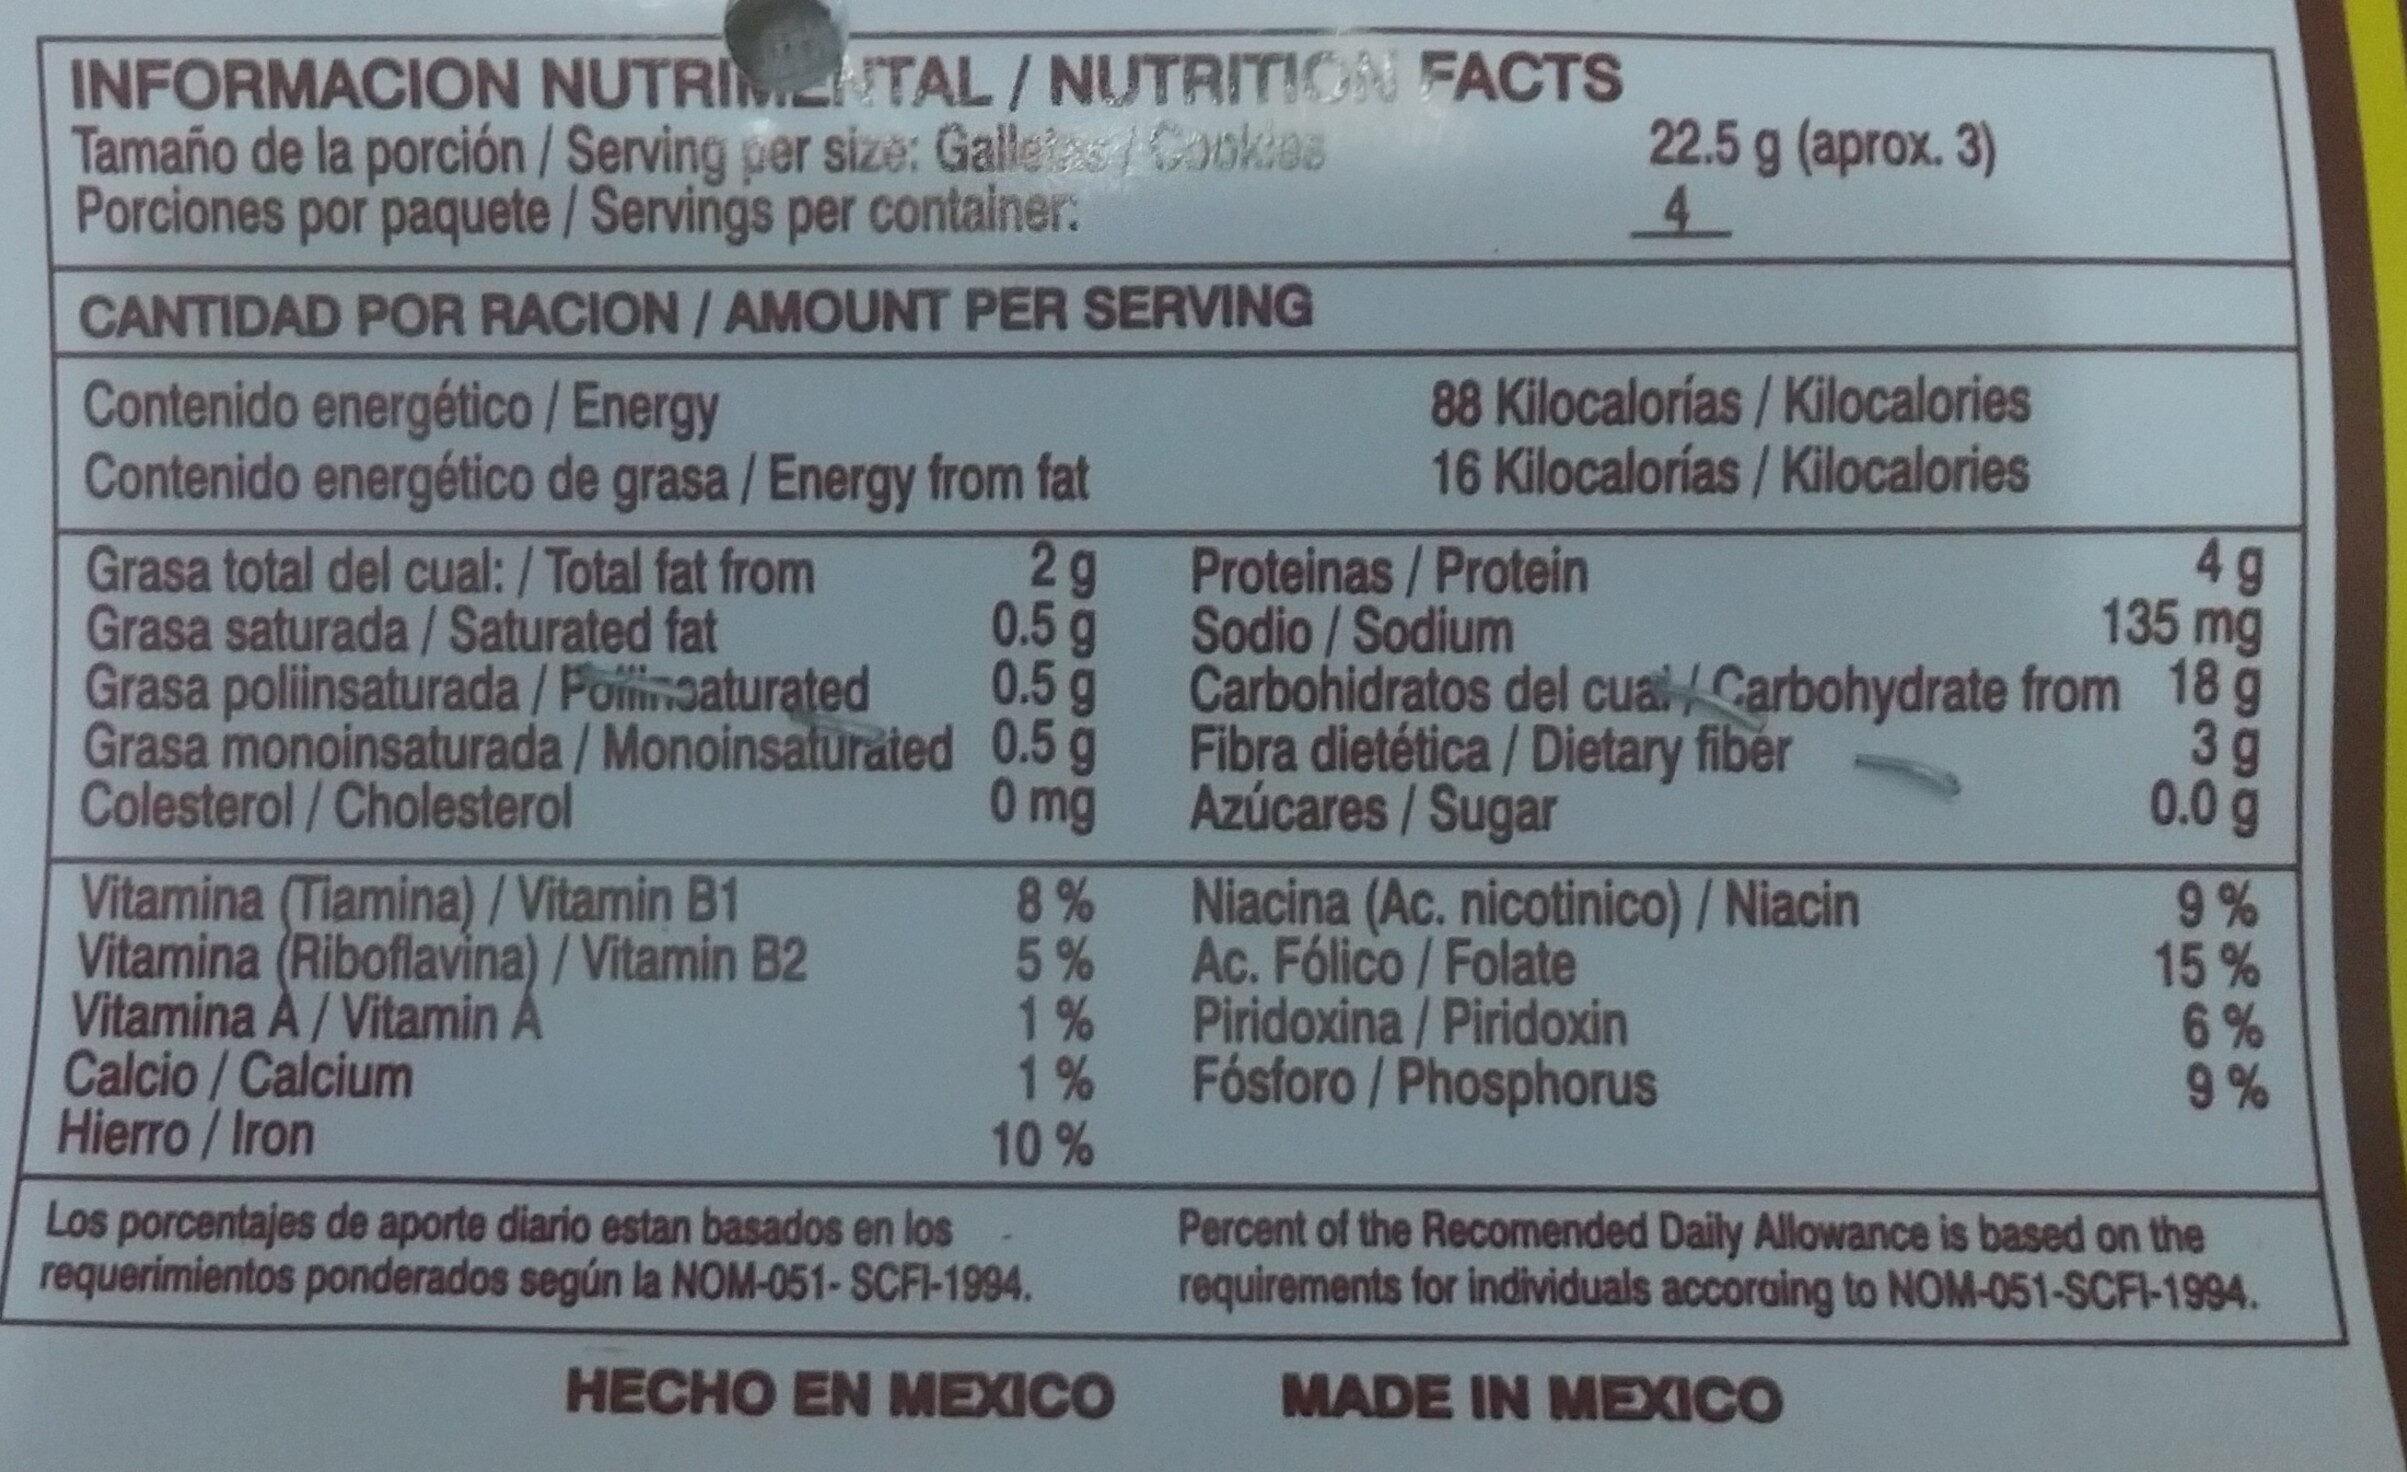 Galletas integrales - Información nutricional - es